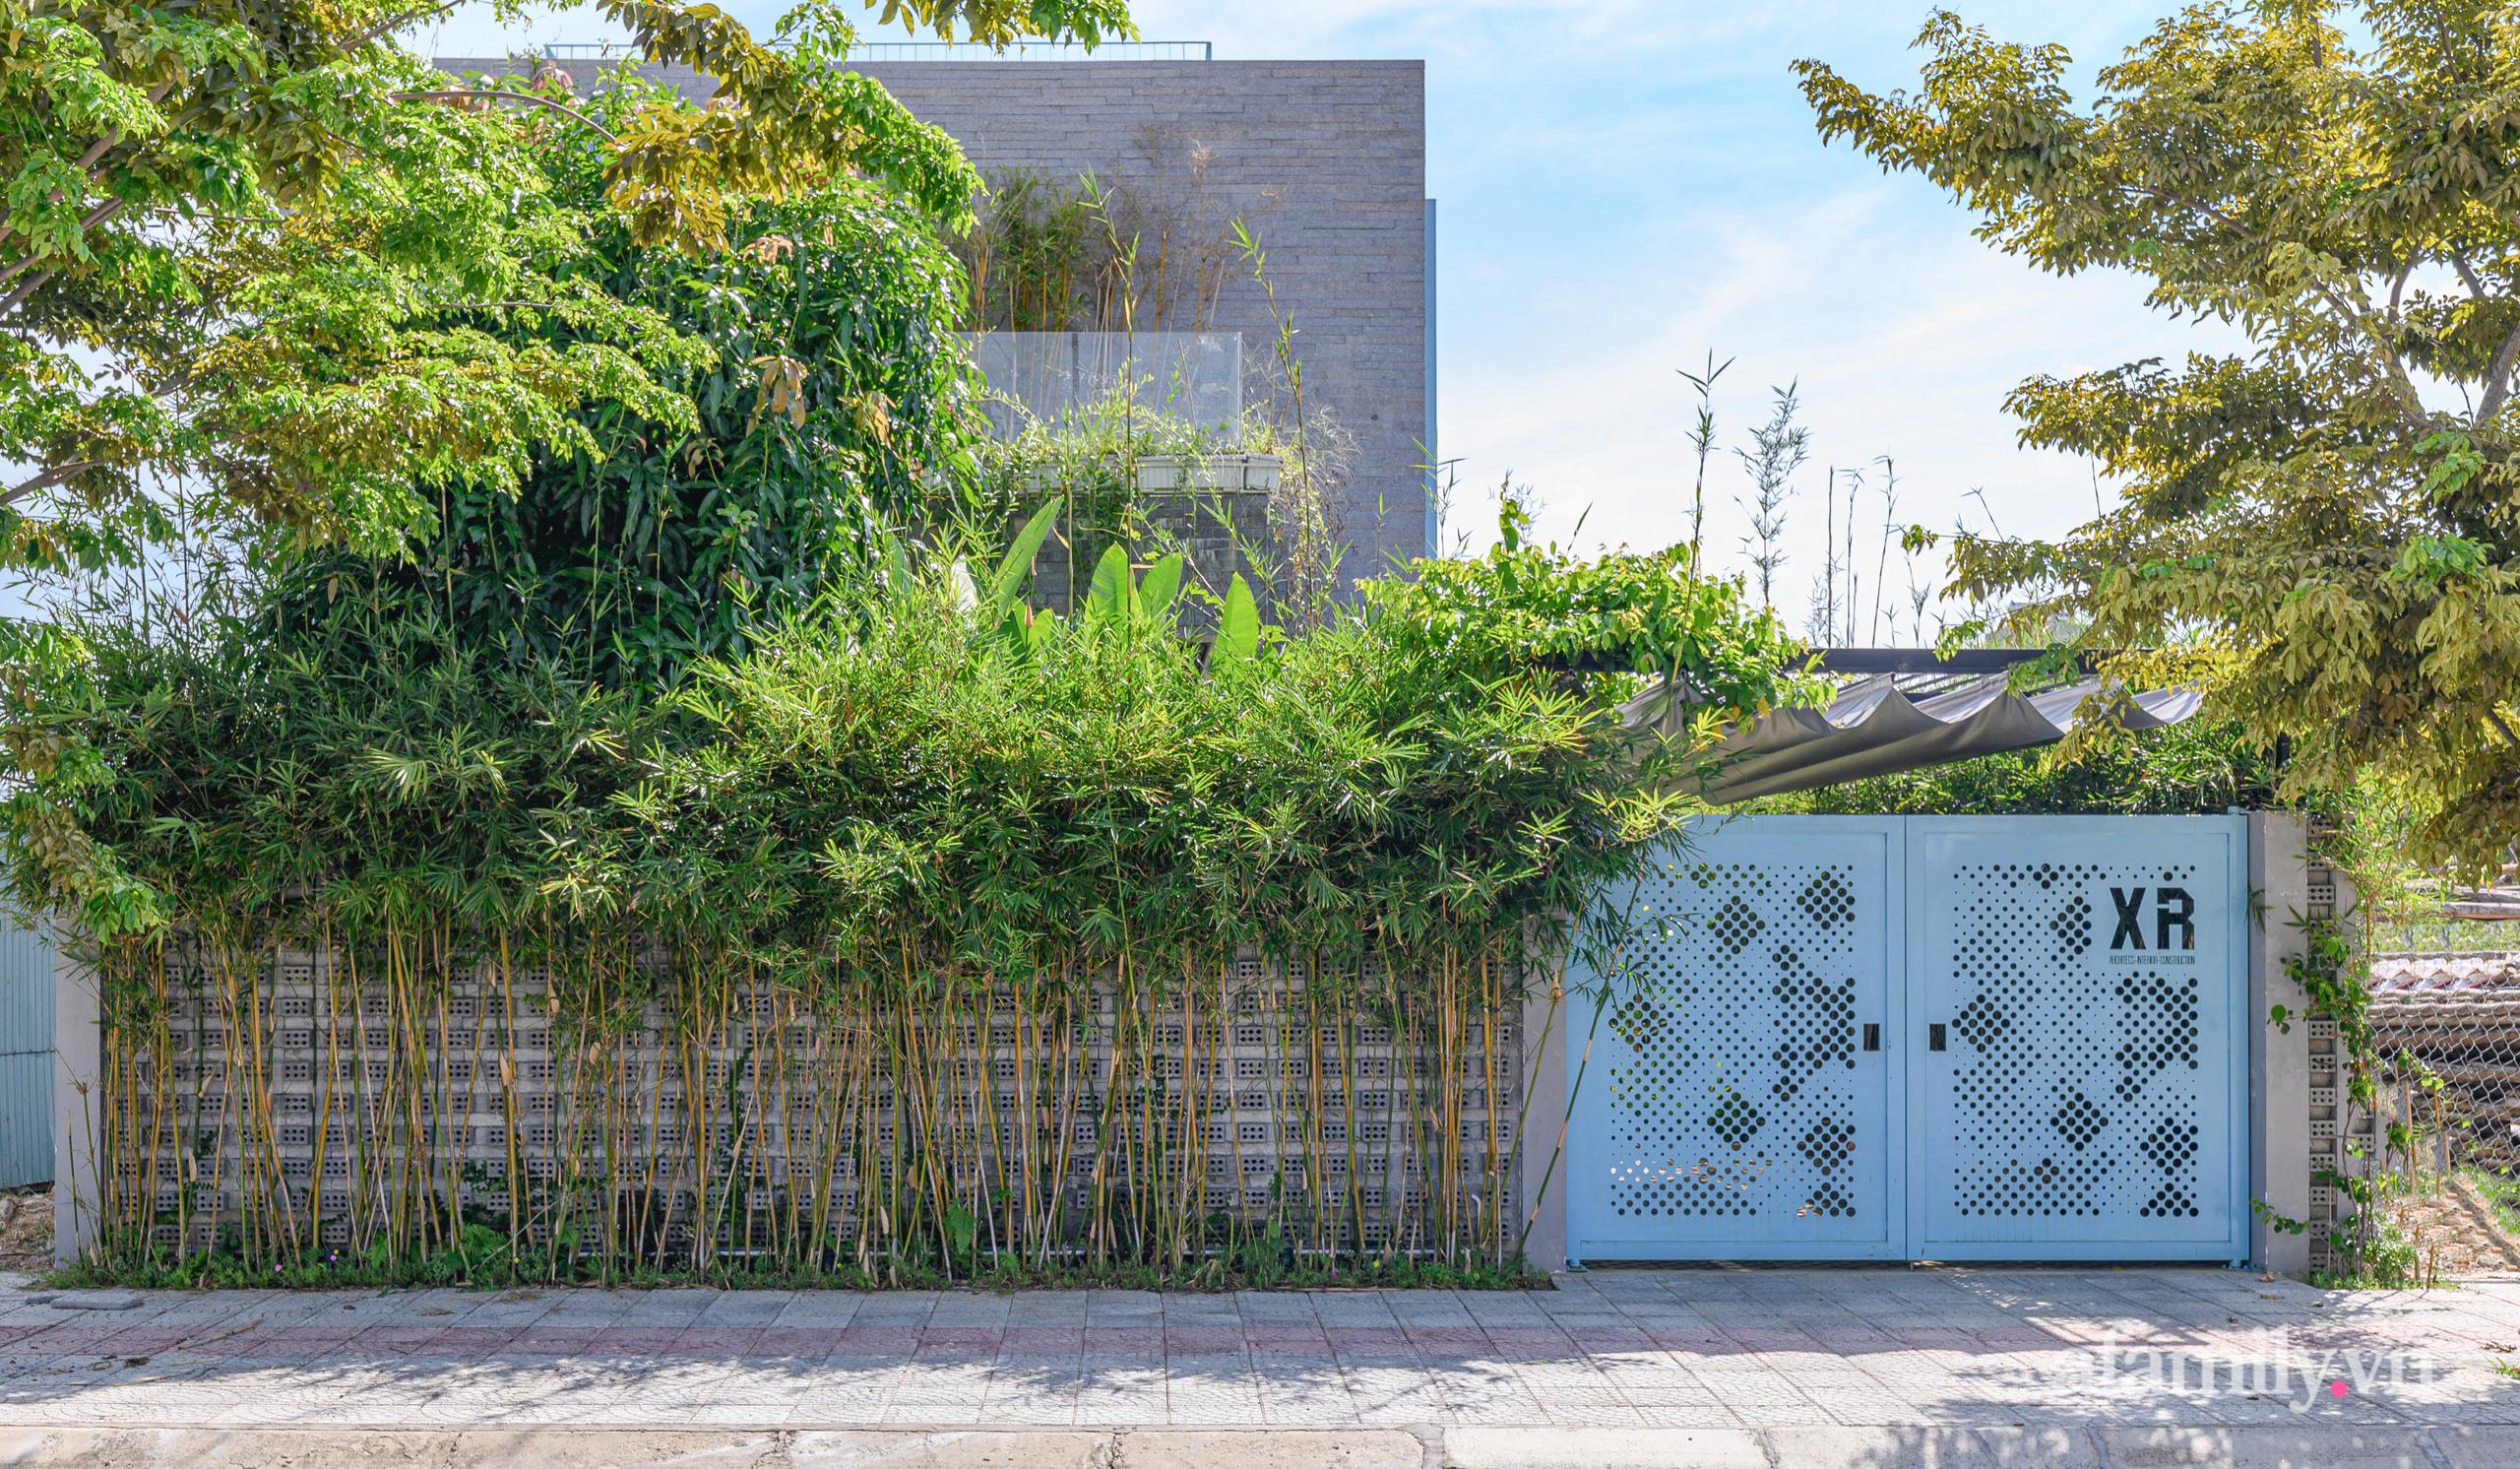 Ngôi nhà nhiều cây xanh và ánh sáng gói trọn bình yên của cặp vợ chồng kiến trúc sư ở Đà Nẵng - Ảnh 1.